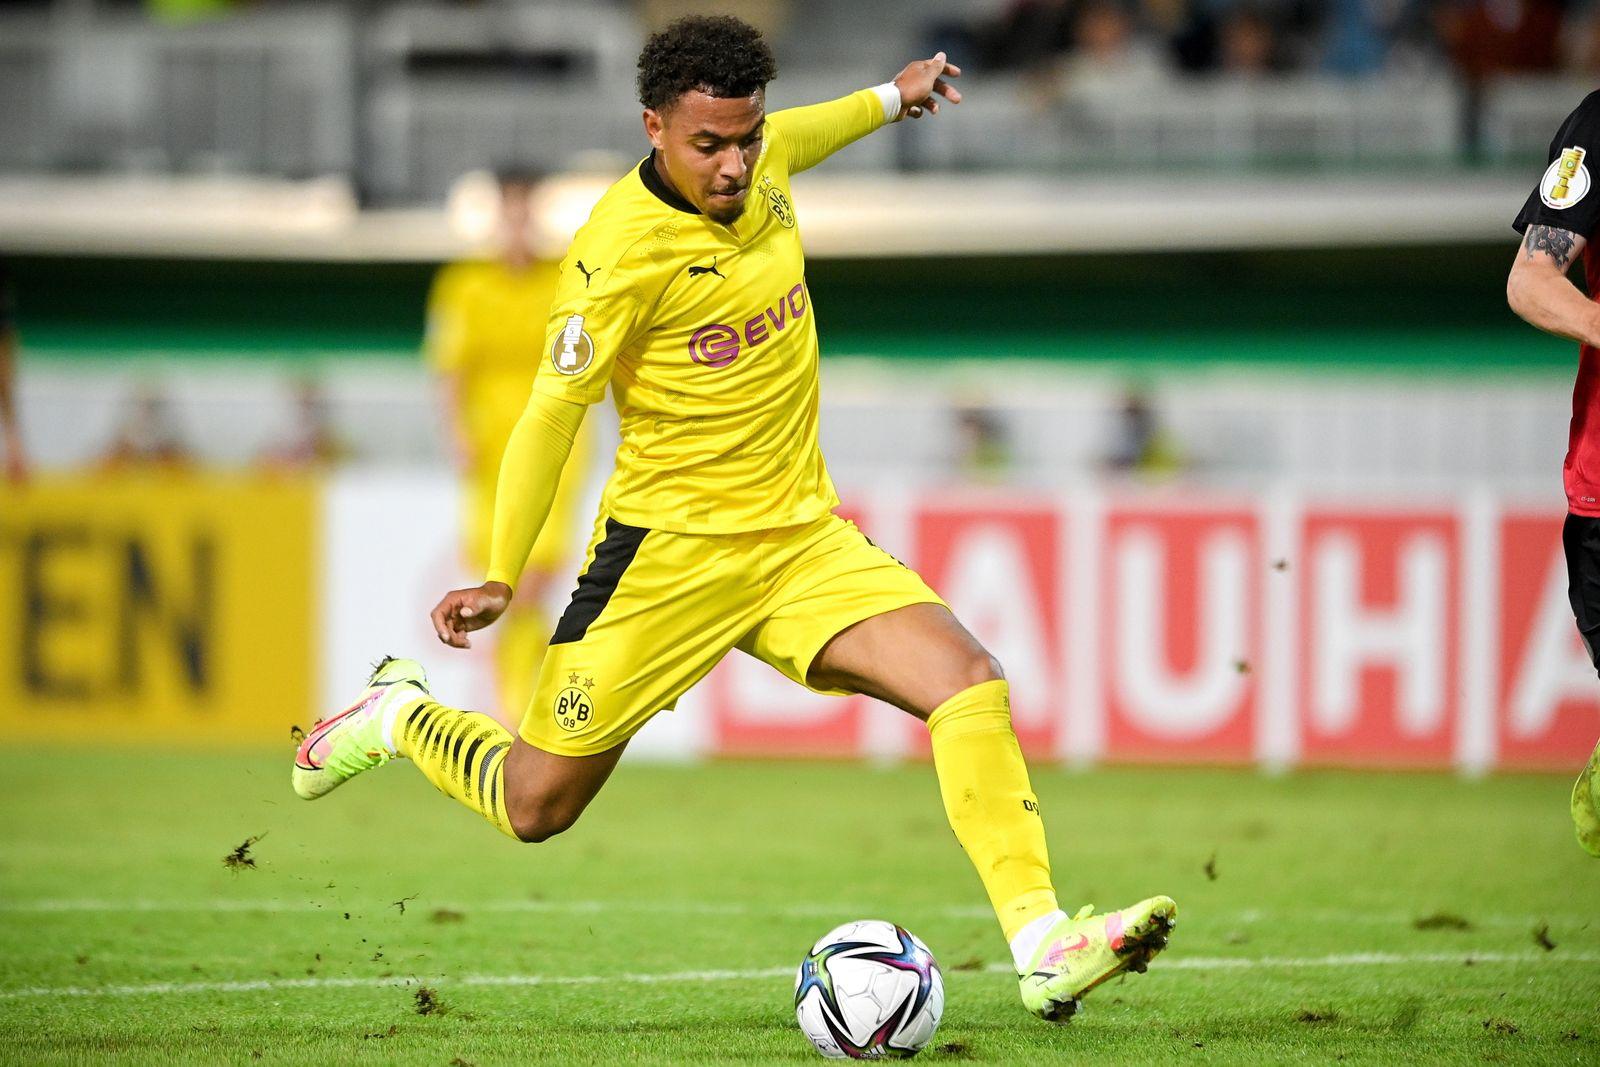 Wehen Wiesbaden vs Borussia Dortmund